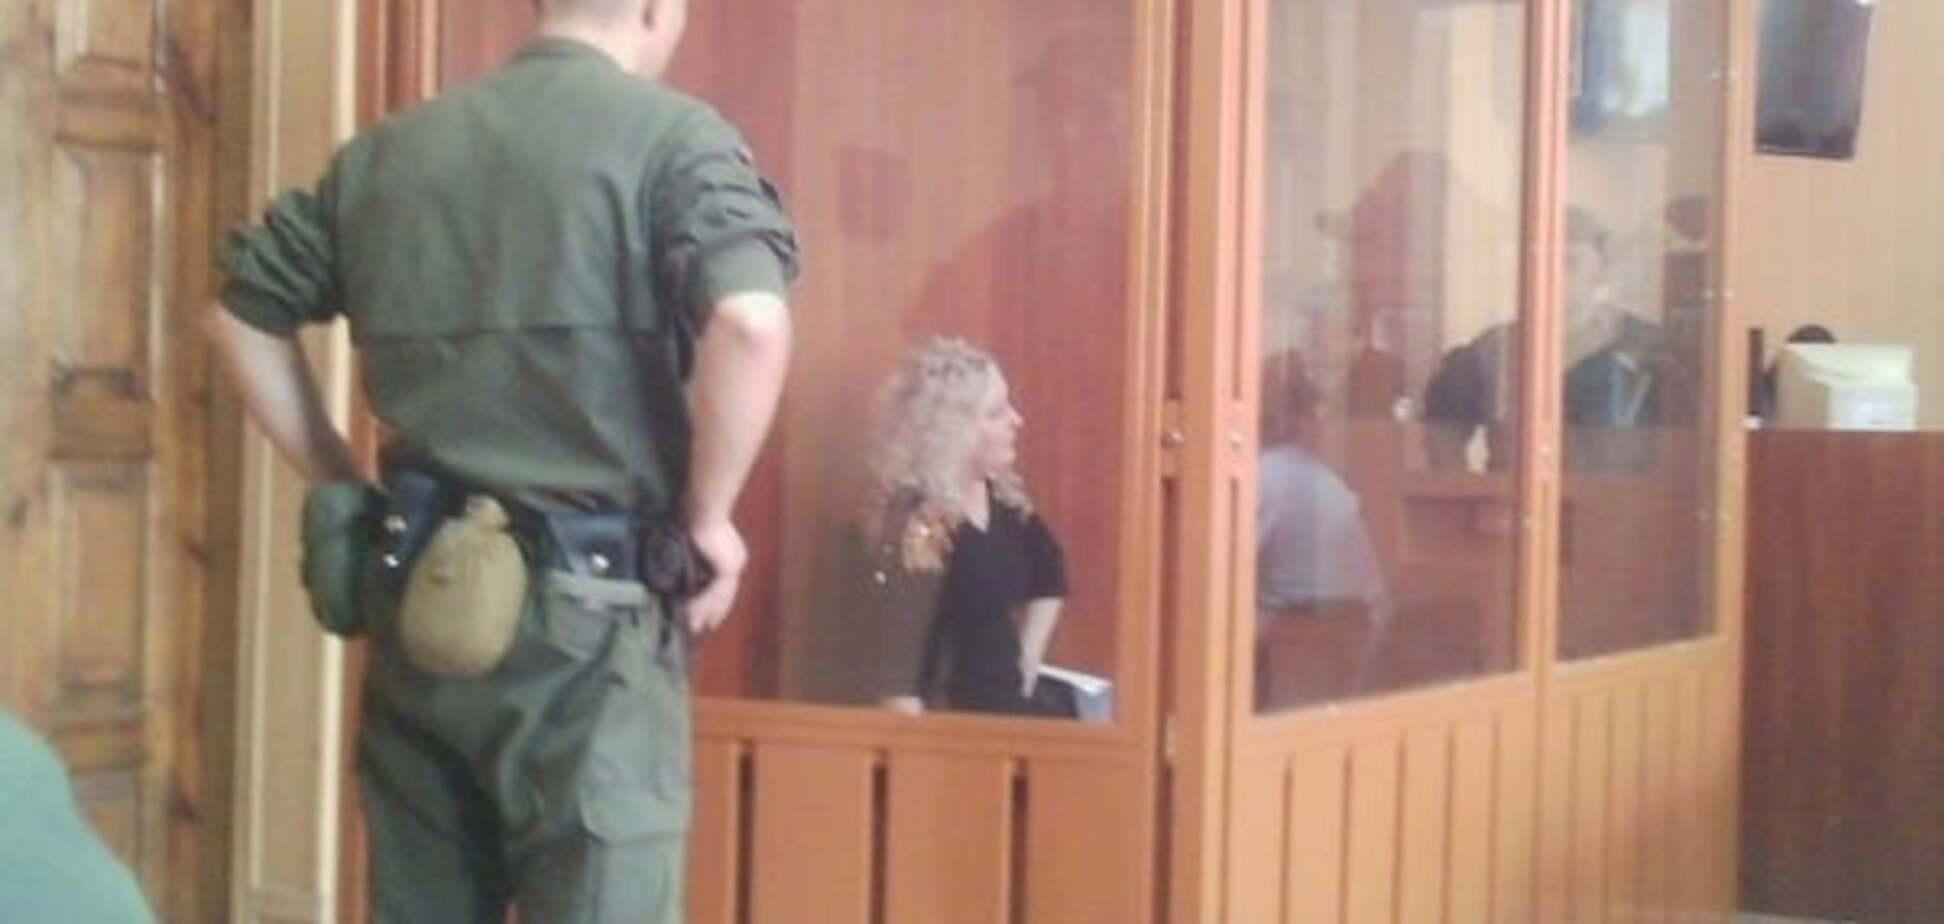 Судьи поздравили: экс-мэру Славянска Штепе продлили арест в день ее рождения